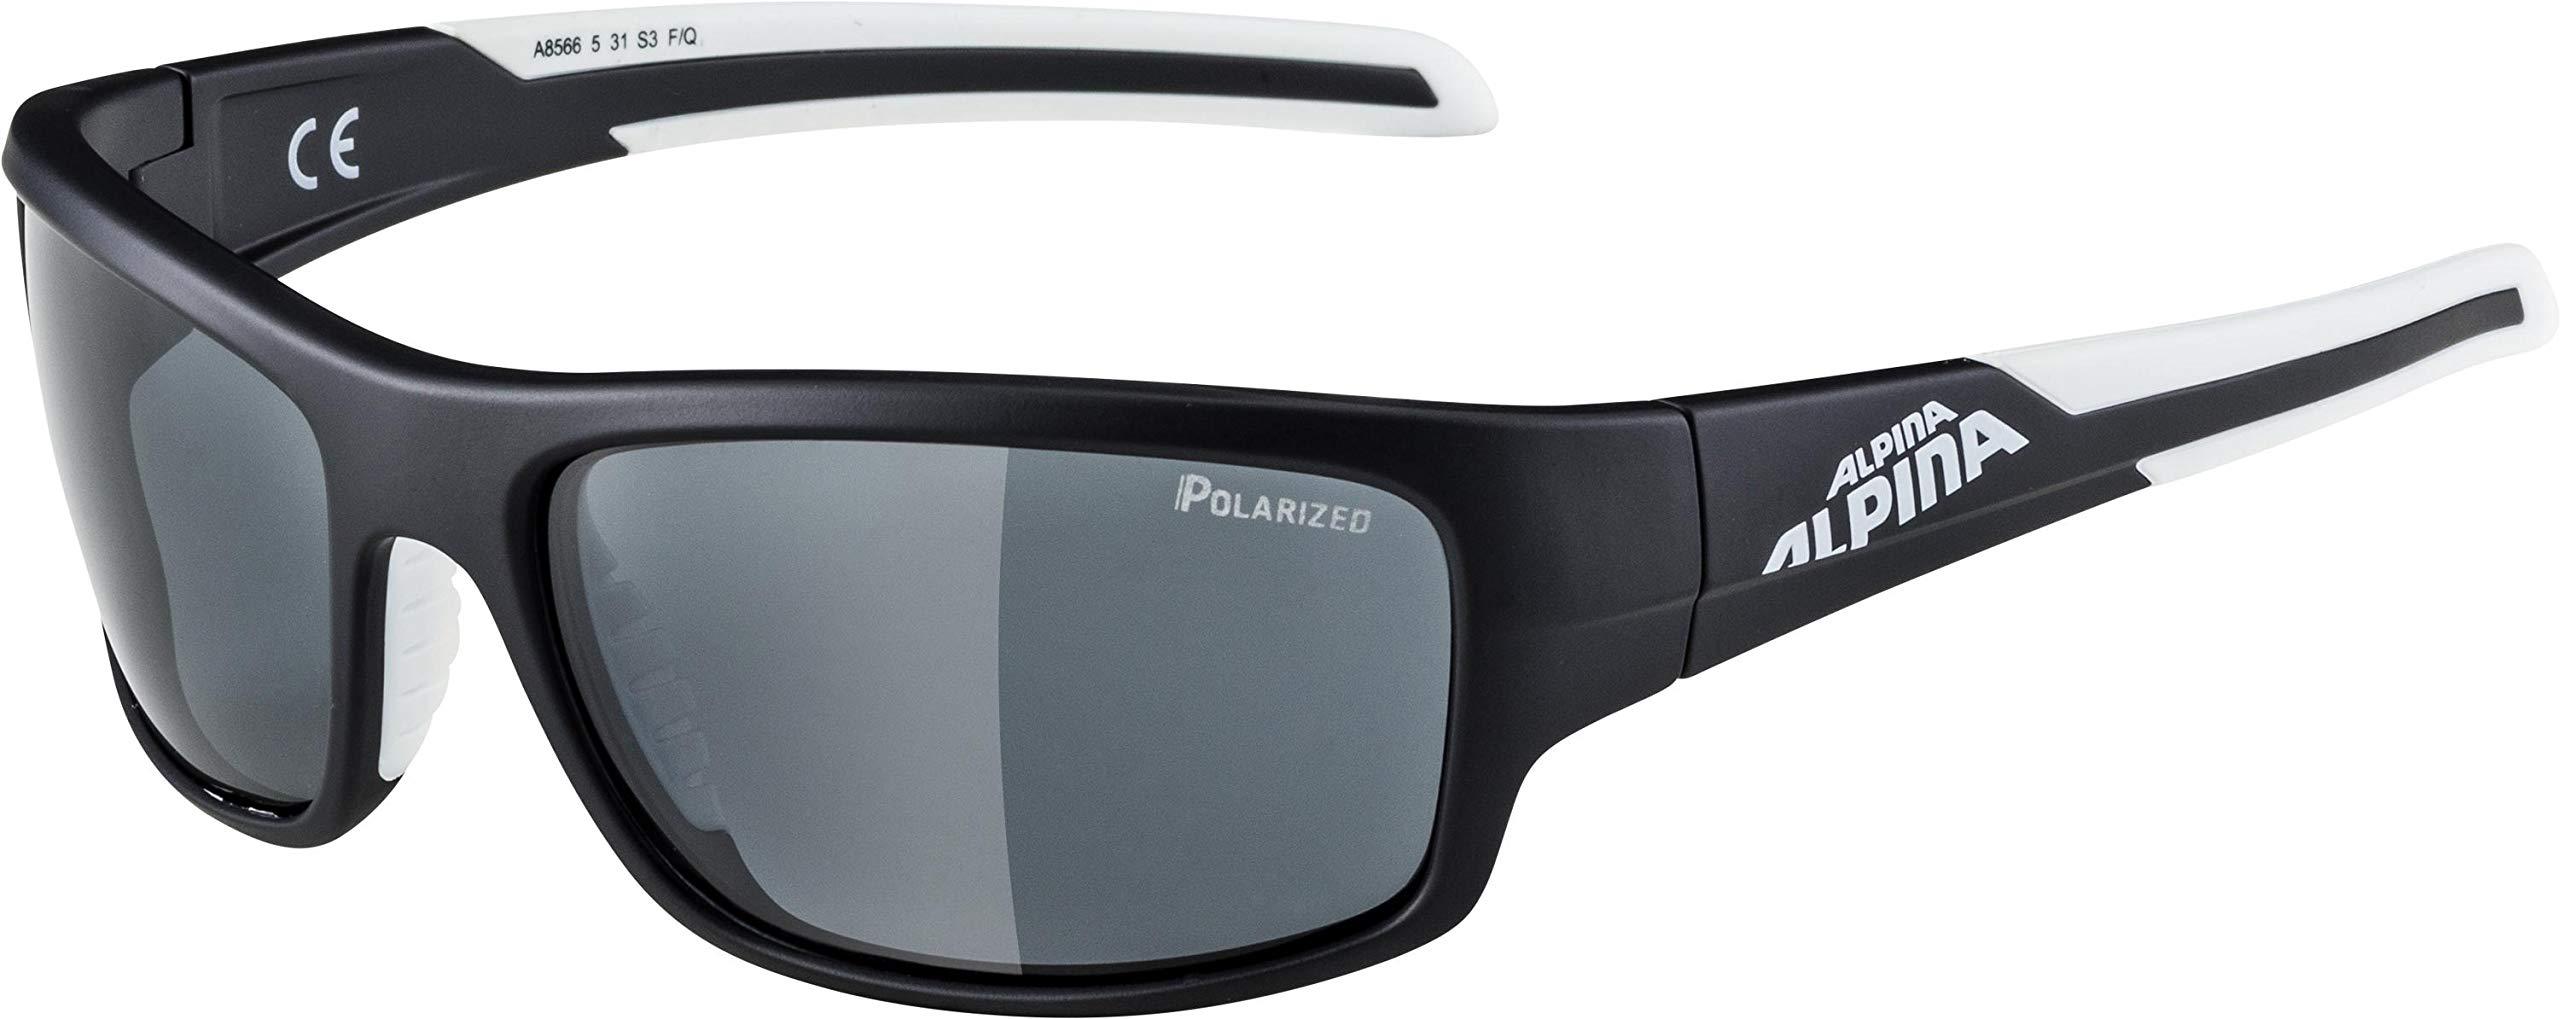 ALPINA Unisex - Erwachsene, TESTIDO P Sportbrille, black matt-white, One size